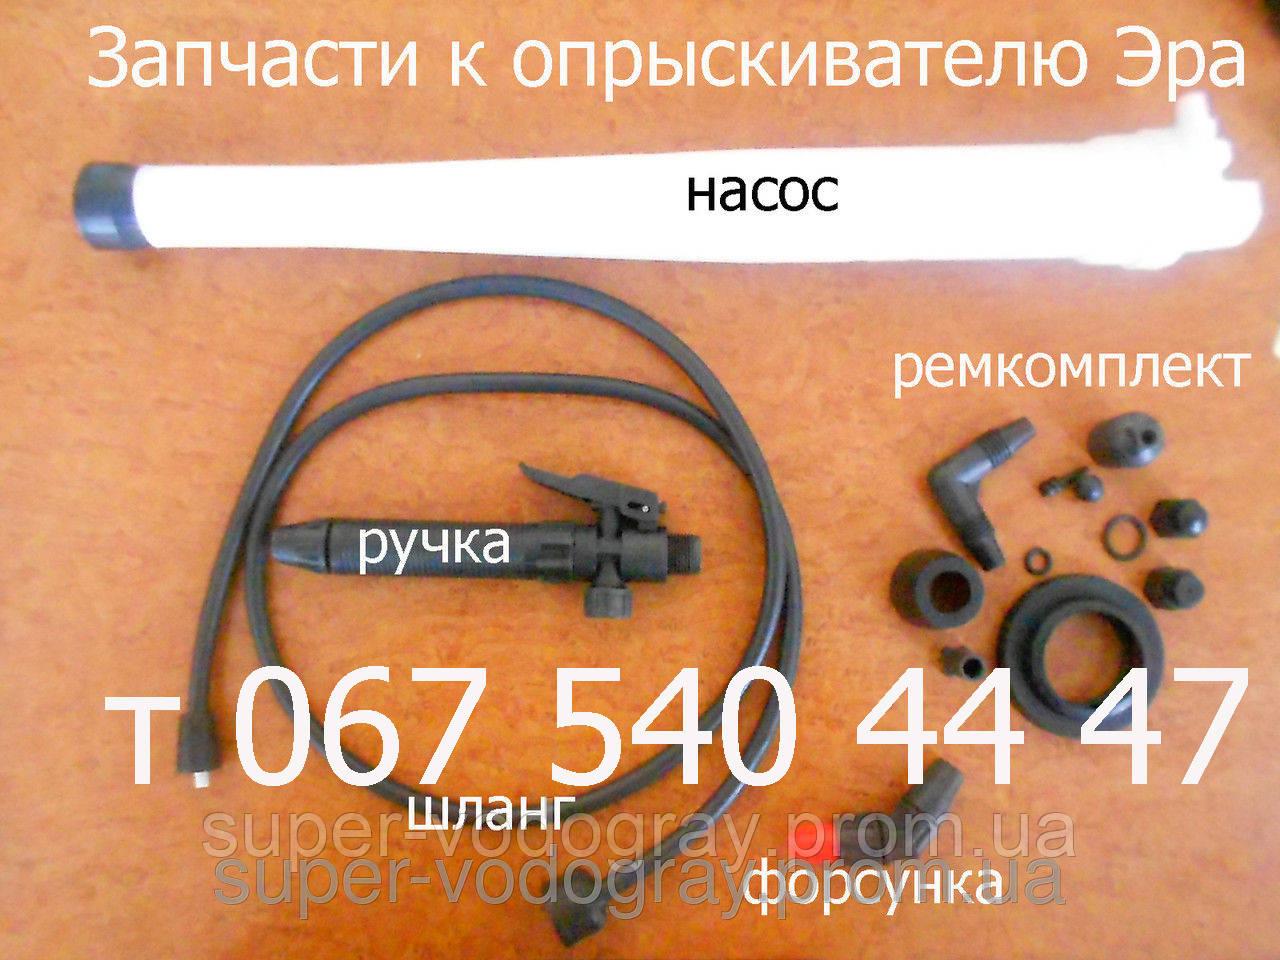 """Запчасти для опрыскивателя Эра - Интернет-магазин """"Водограй"""" в Полтаве"""